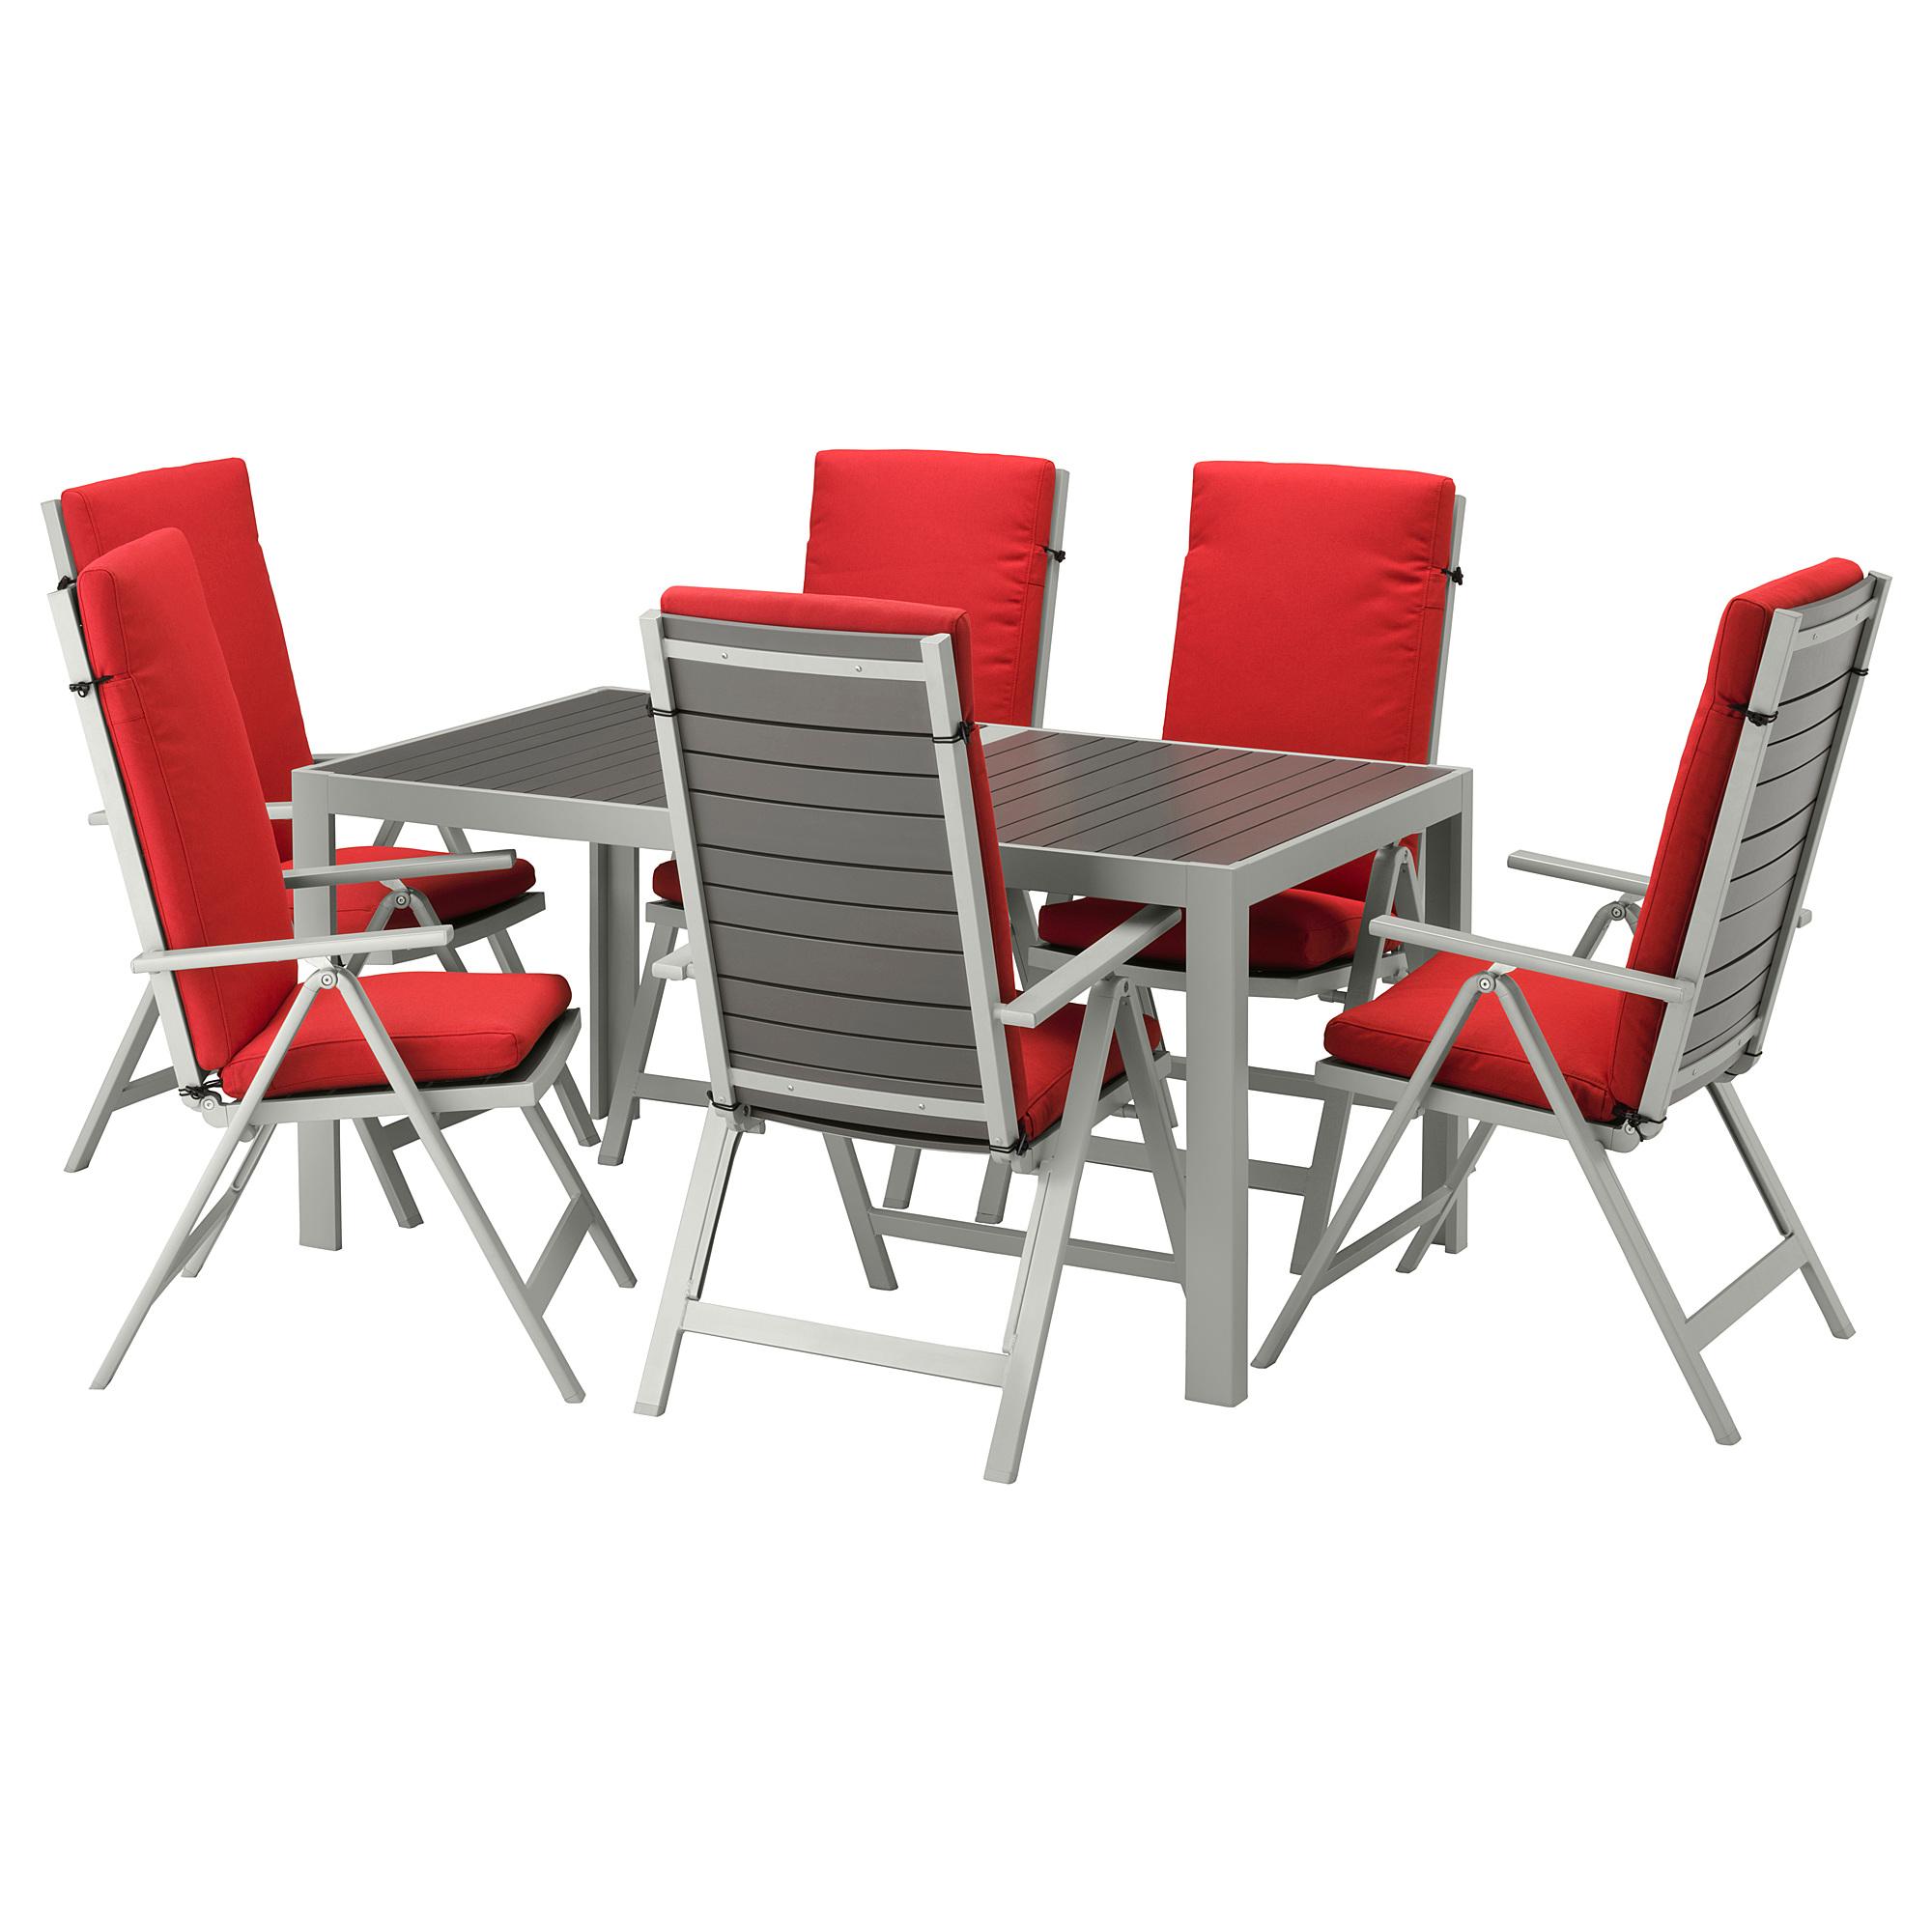 Стол, 6 кресел для сада ШЭЛЛАНД красный артикуль № 992.669.20 в наличии. Онлайн сайт IKEA РБ. Быстрая доставка и монтаж.